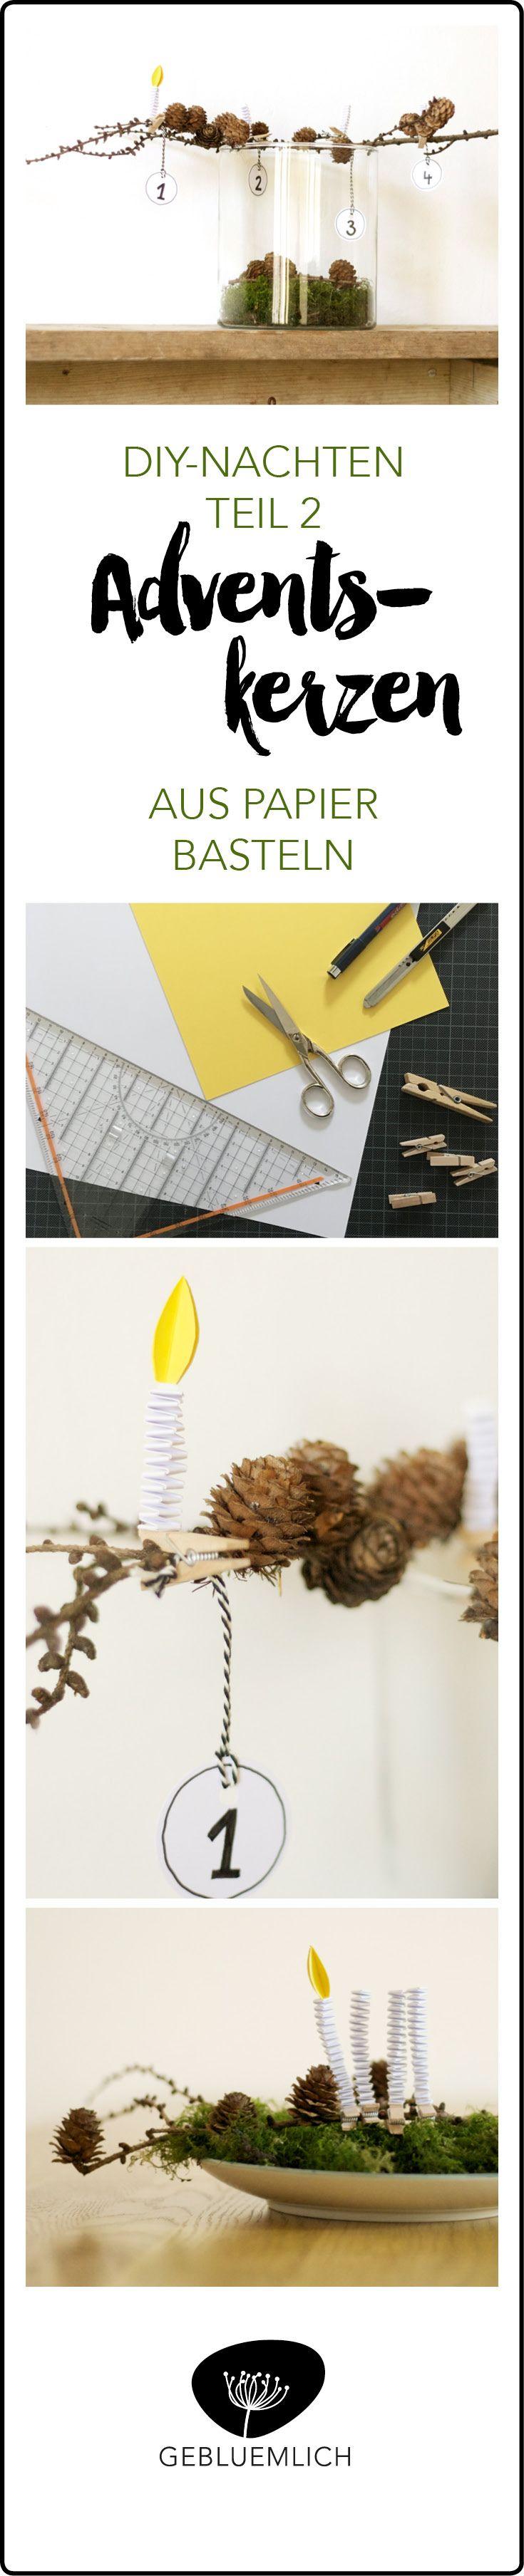 Wenn Ihr eine Idee für einen etwas anderen Adventskranz sucht, versucht es doch mal mit gebastelten Kerzen aus Papier. Sie sind ruckzuck fertig und absolut ungefährlich.